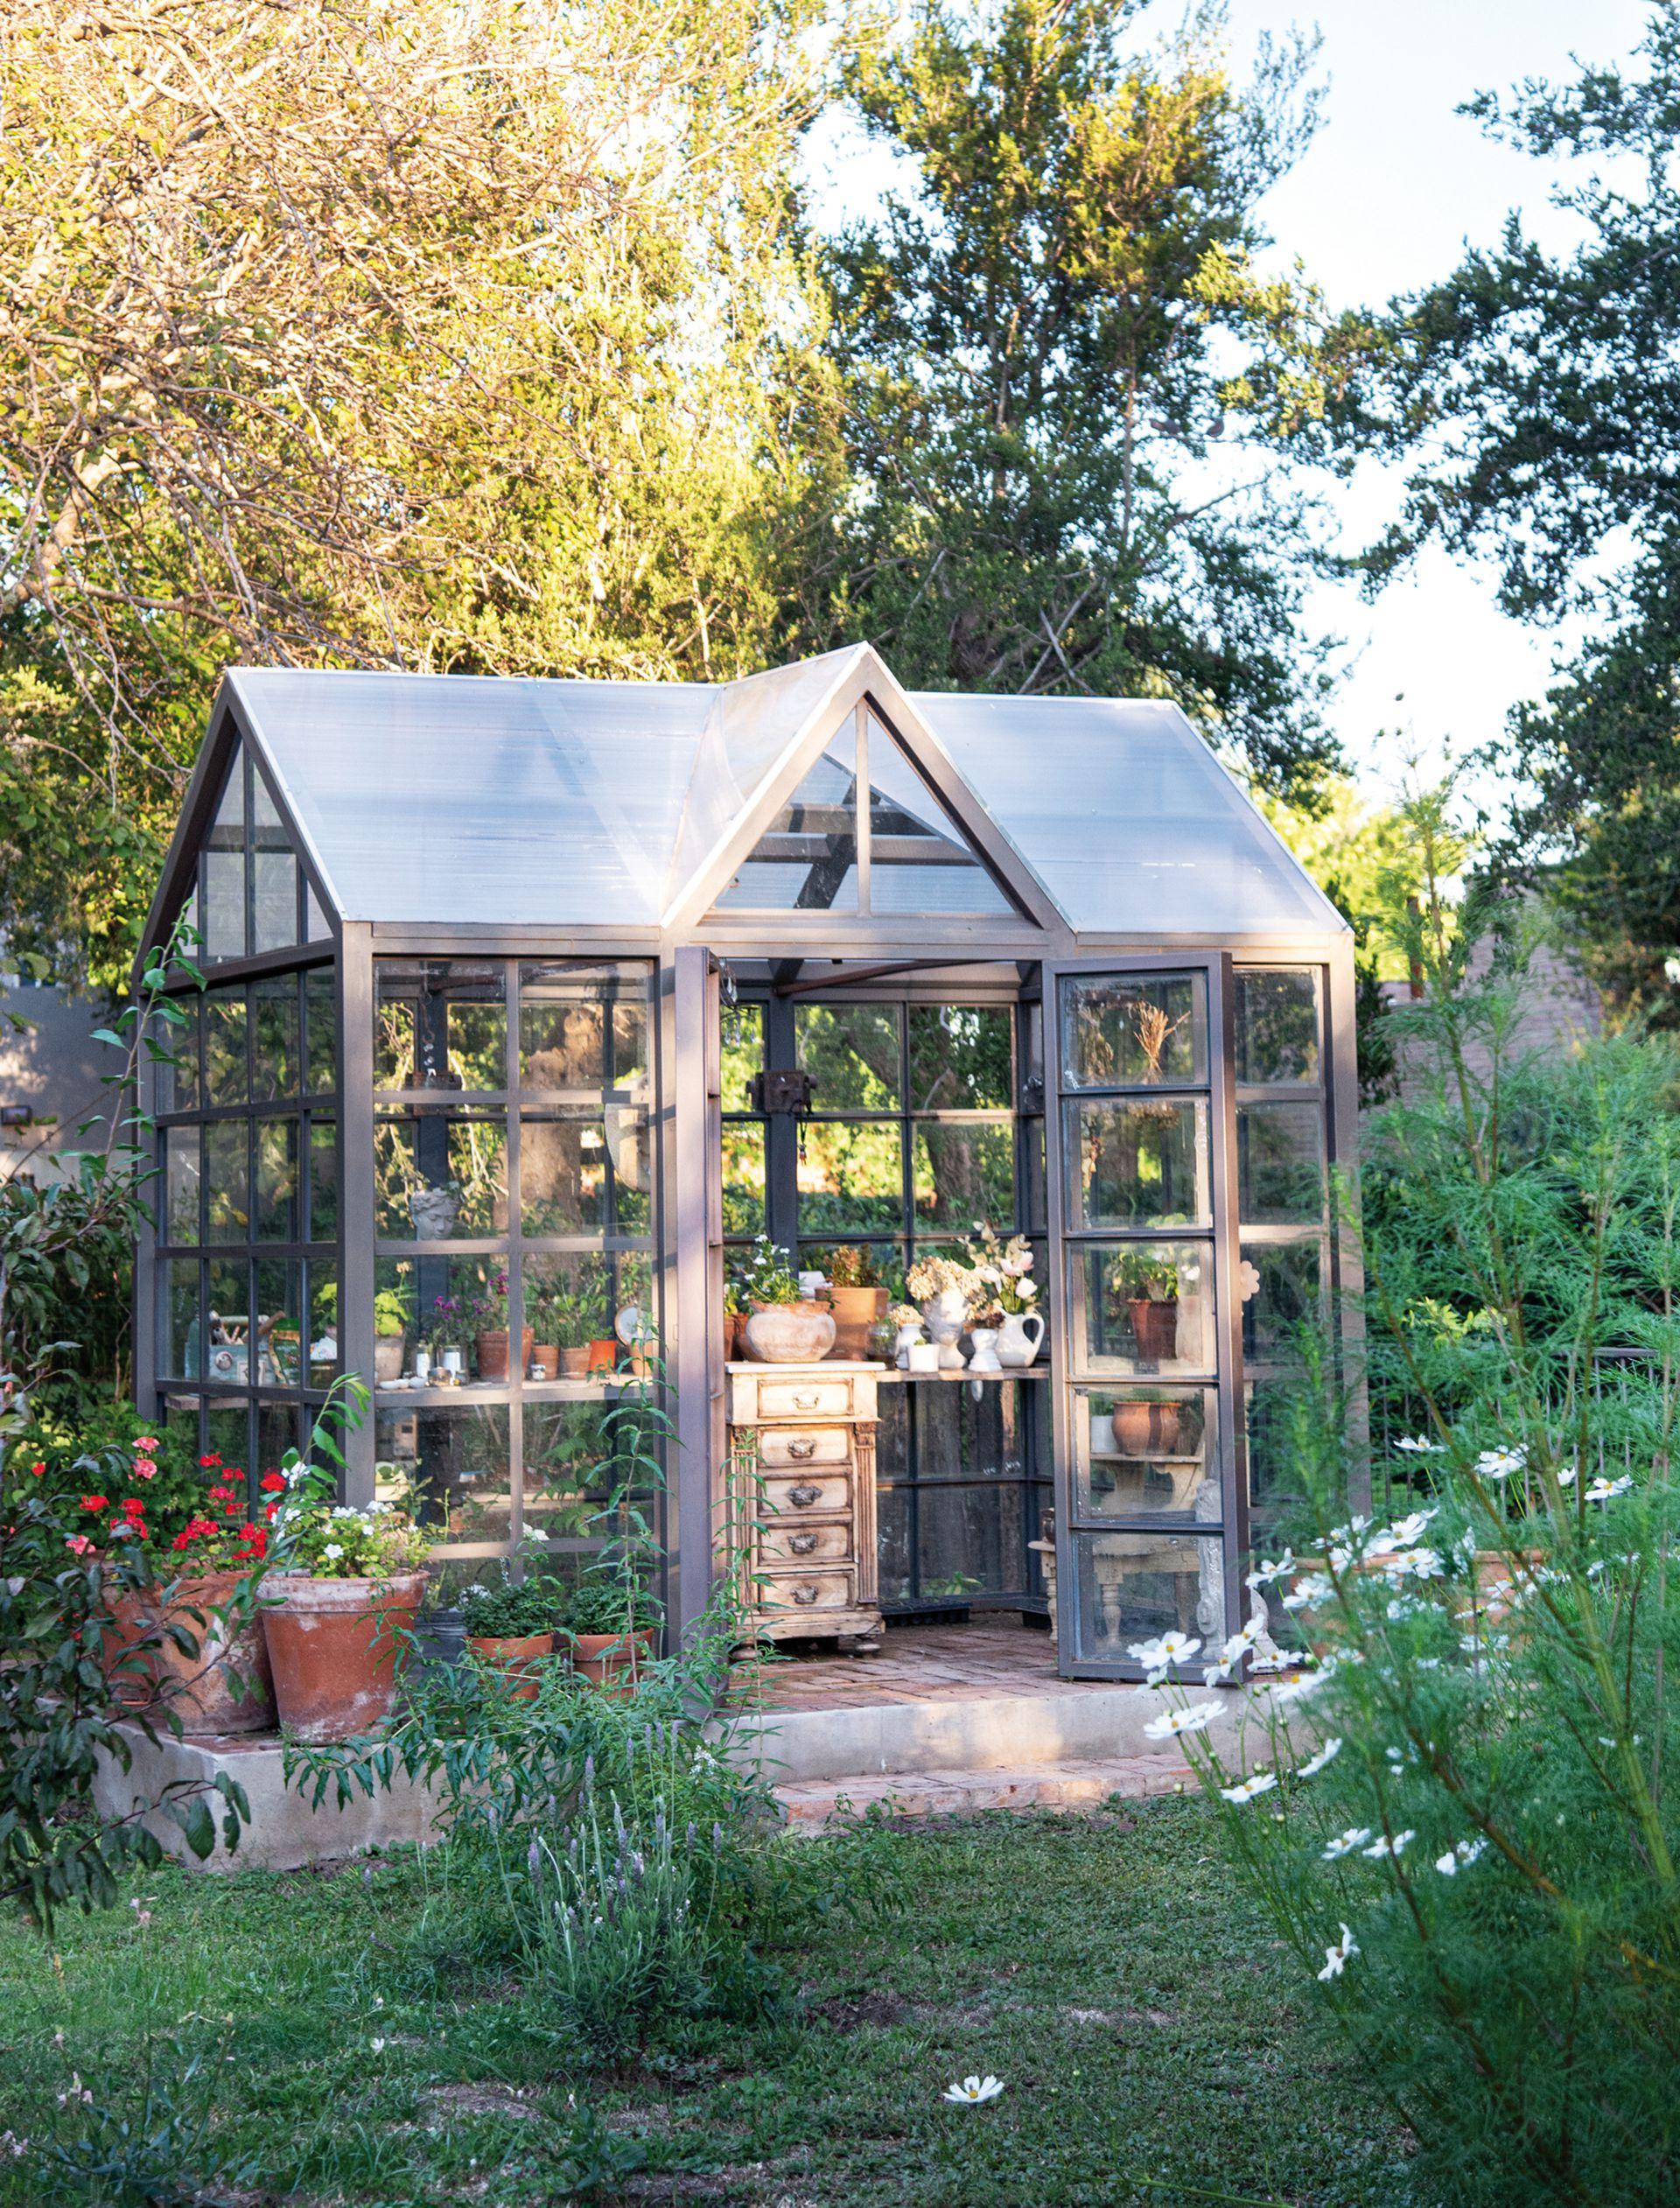 Mini invernadero donde se ven algunos plantines.  Allí se juntan y guardan las semillas también.